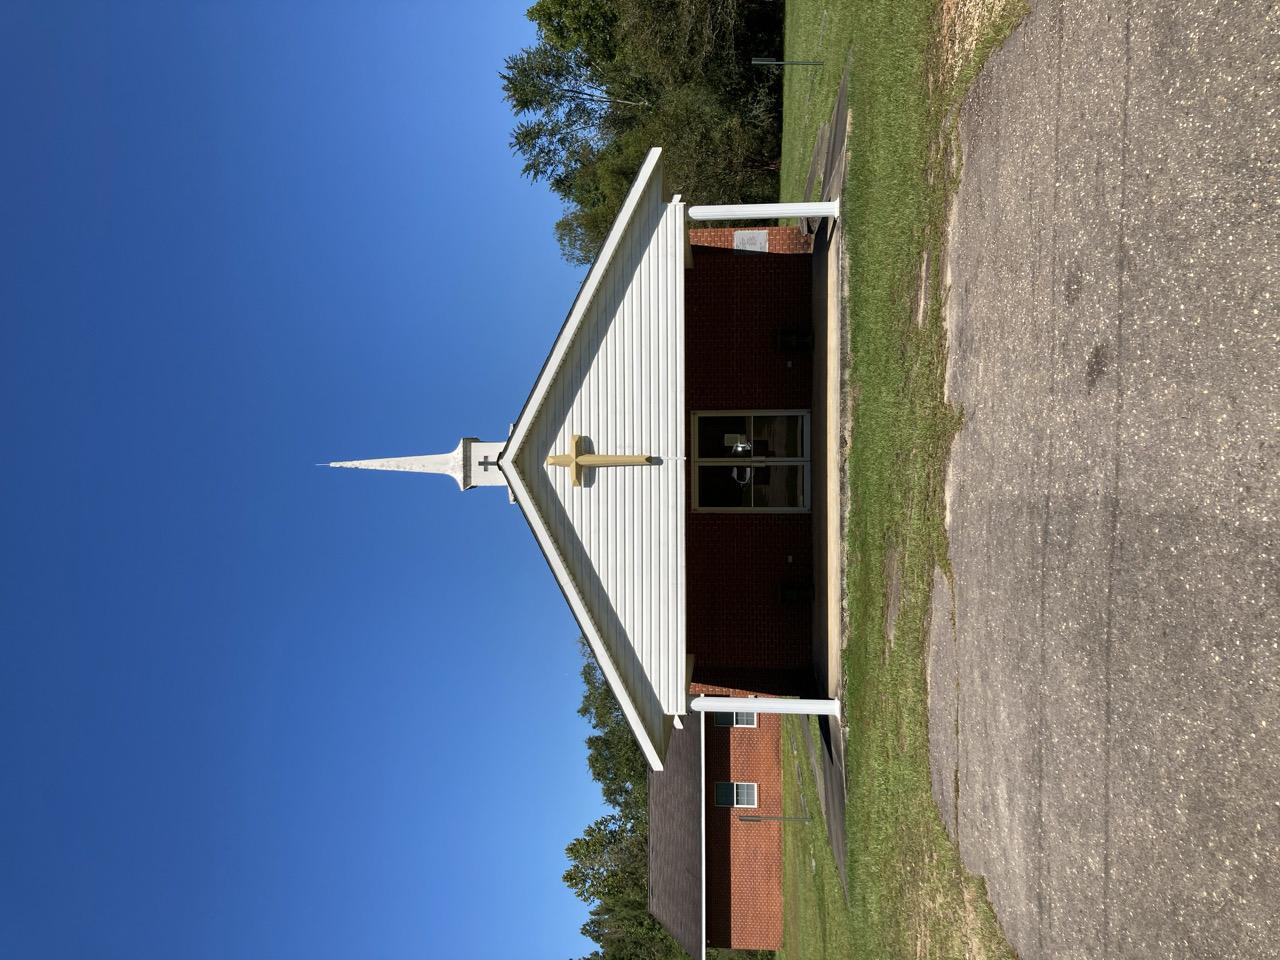 St. Paul AME Church